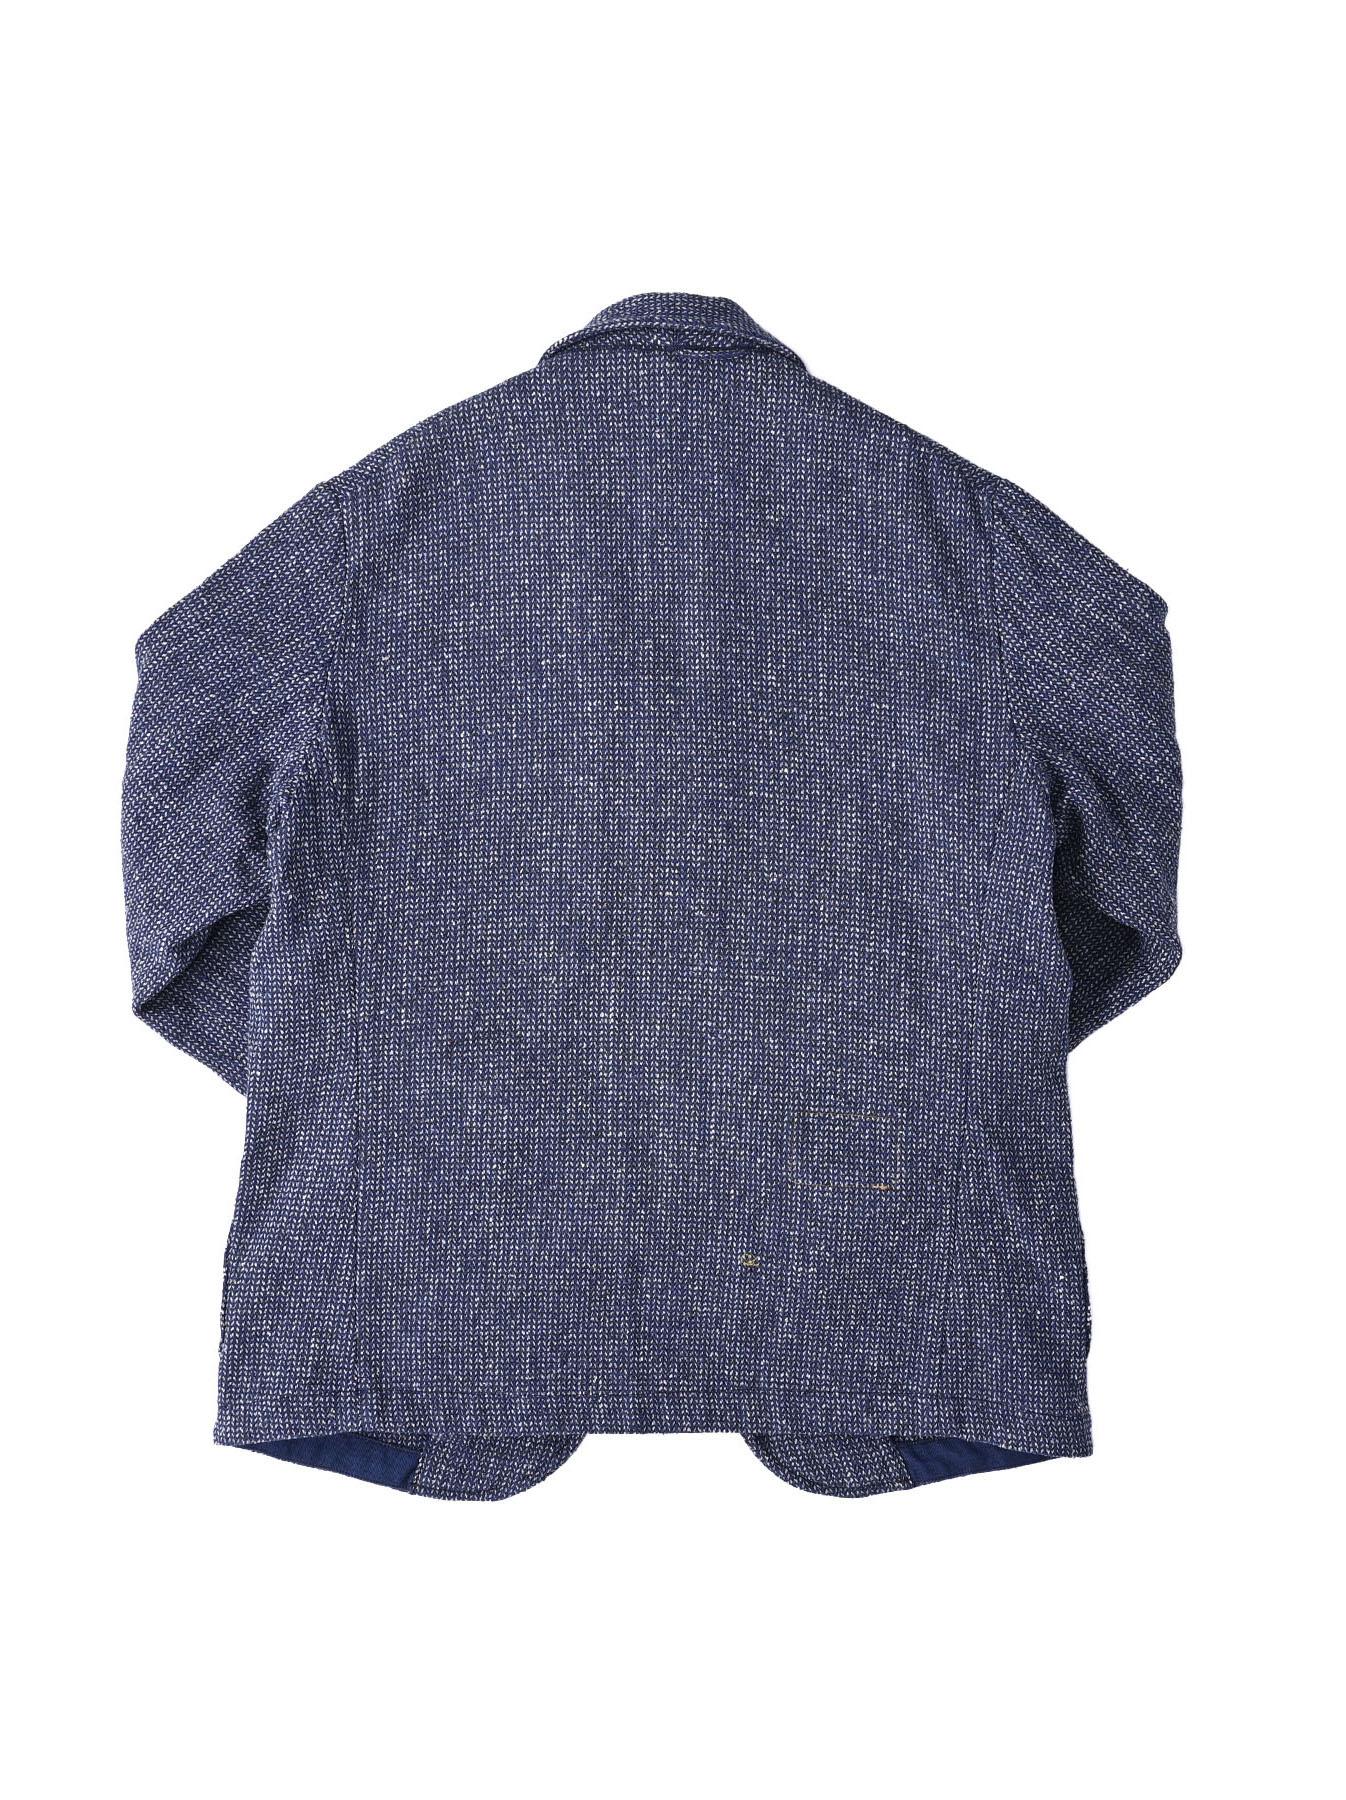 Homespun Indigo Cotton Tweed Asama Jacket-6